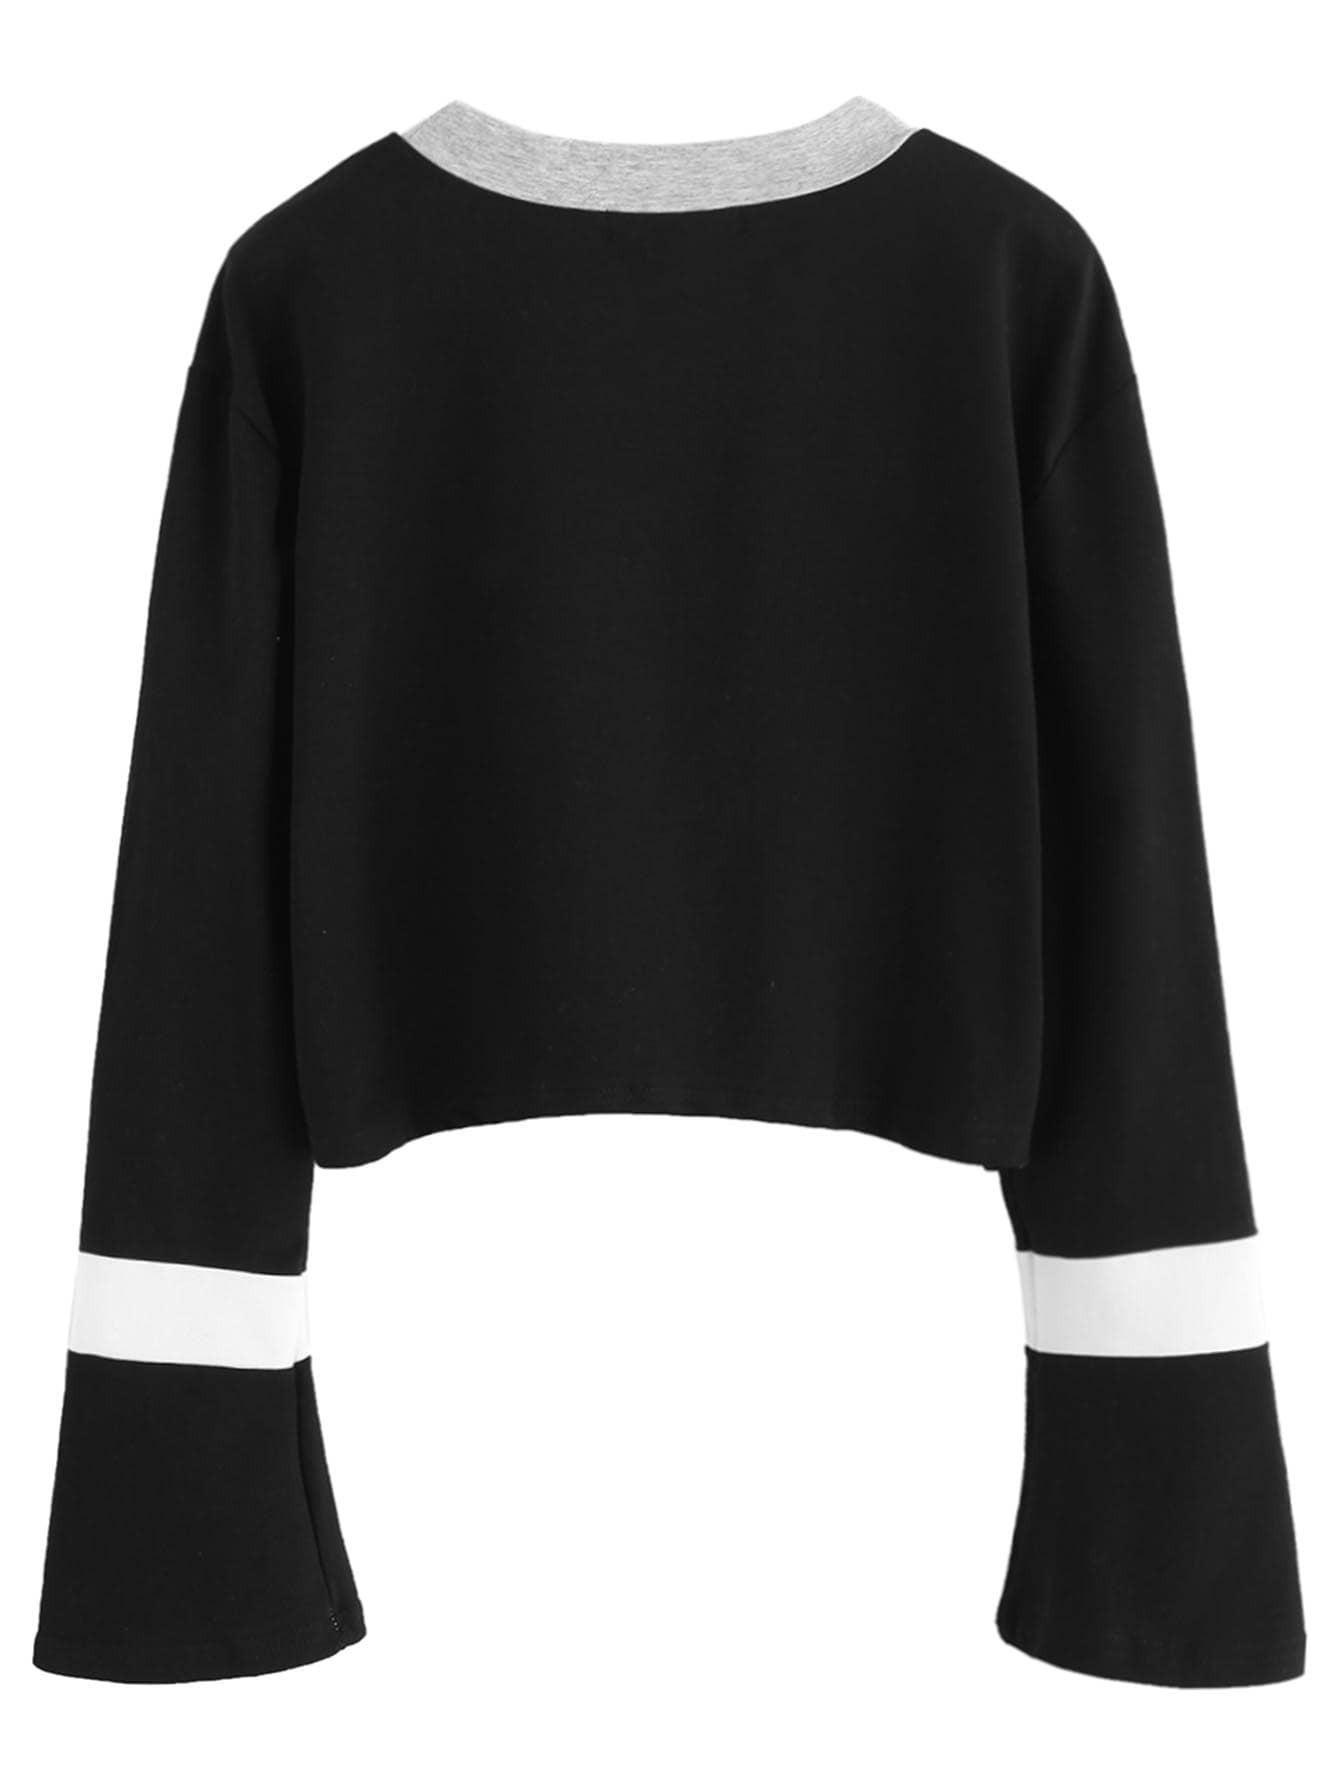 sweatshirt160831027_2